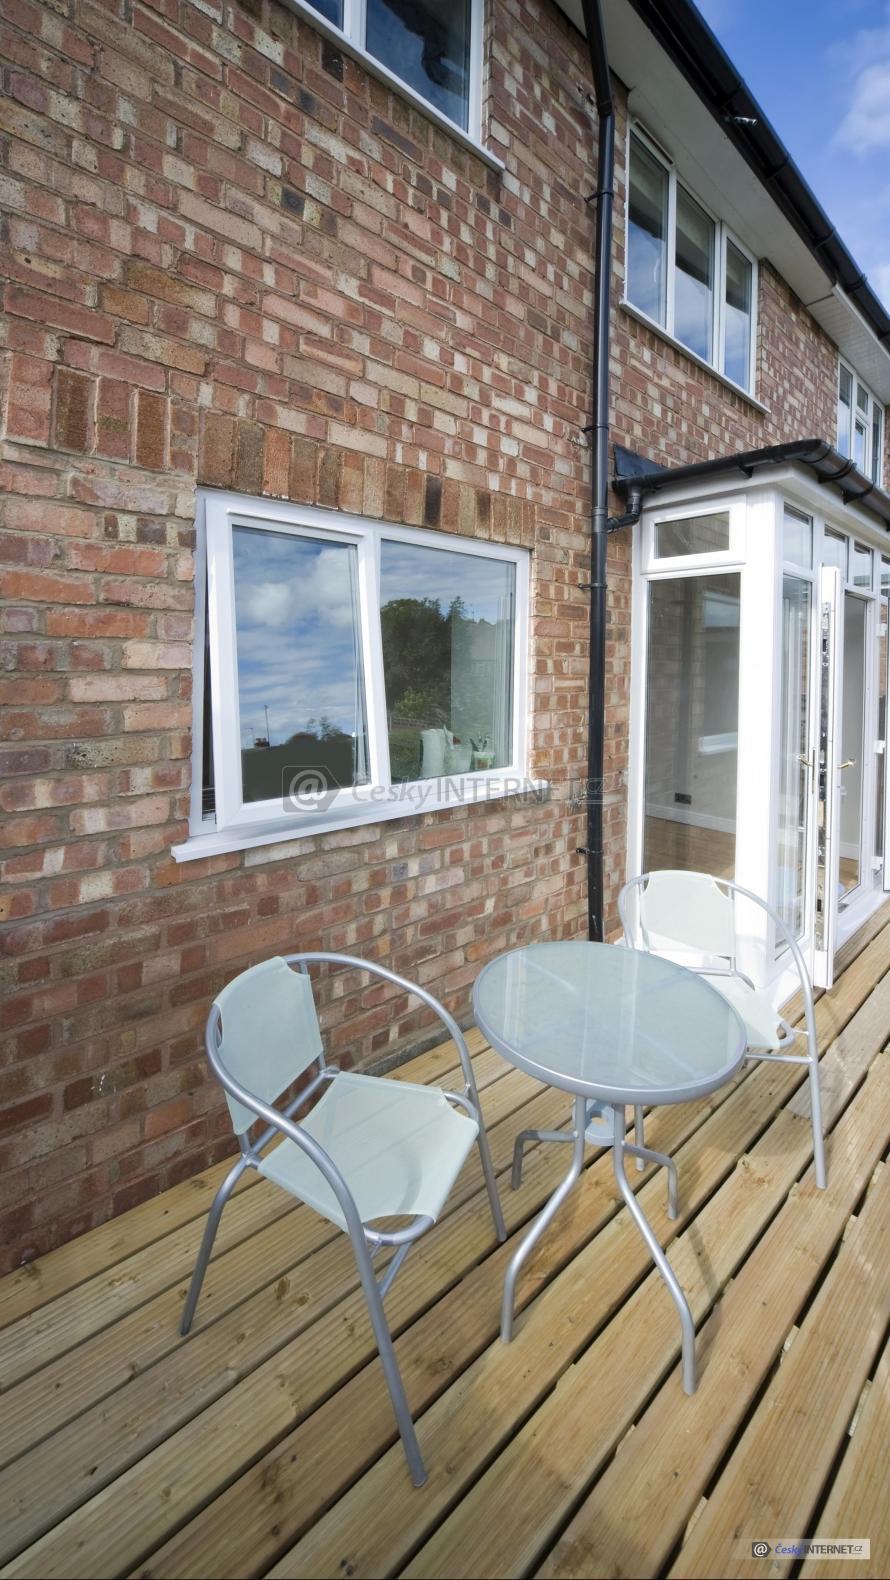 Stolek s židlemi na dřevěné terase u domu.